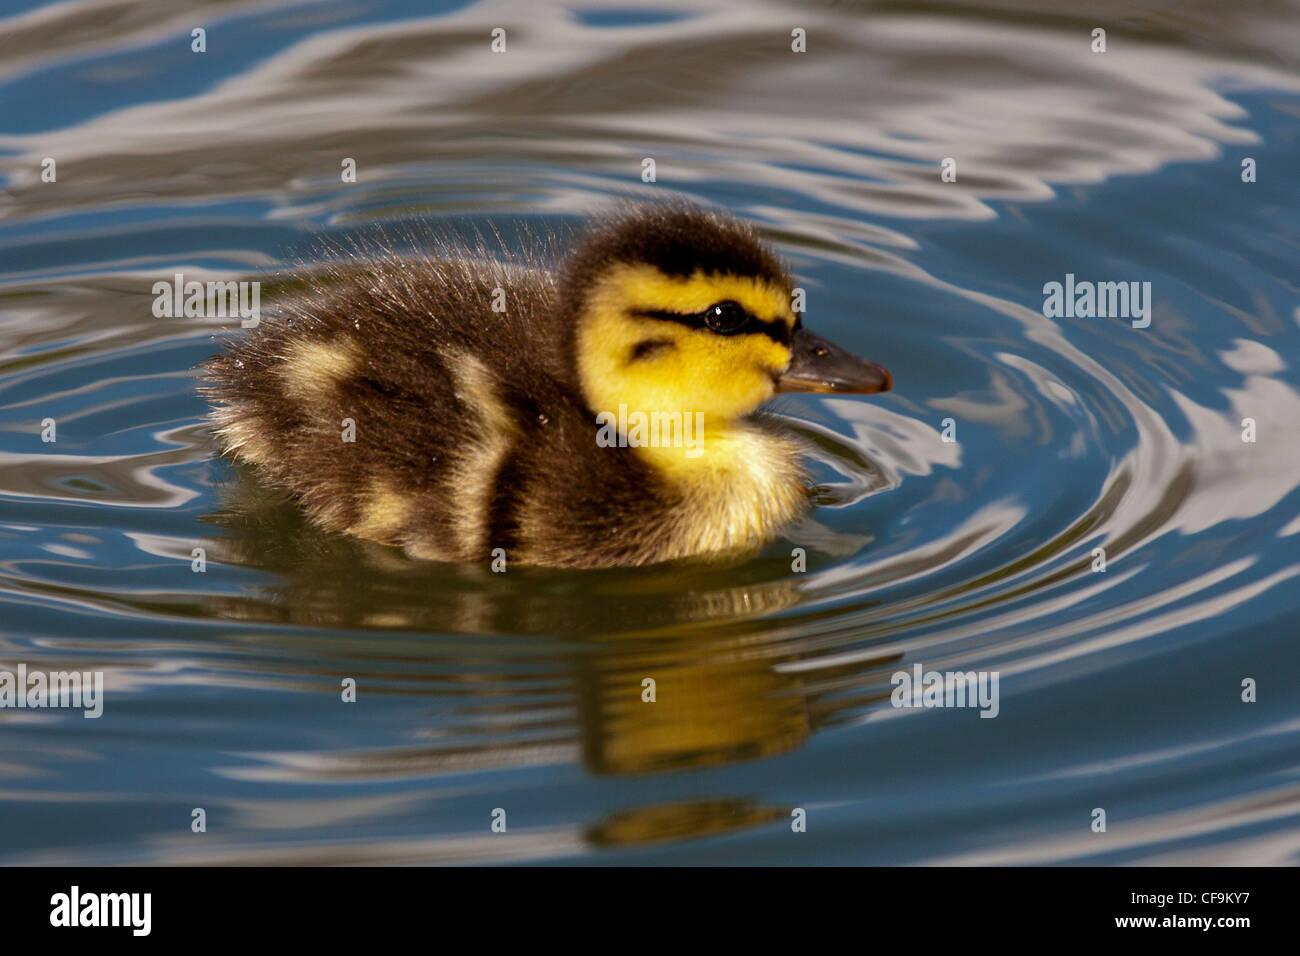 Eine süße Entlein erstellen kräuselt sich in lokalen Teich (Battersea Park - London). Stockbild